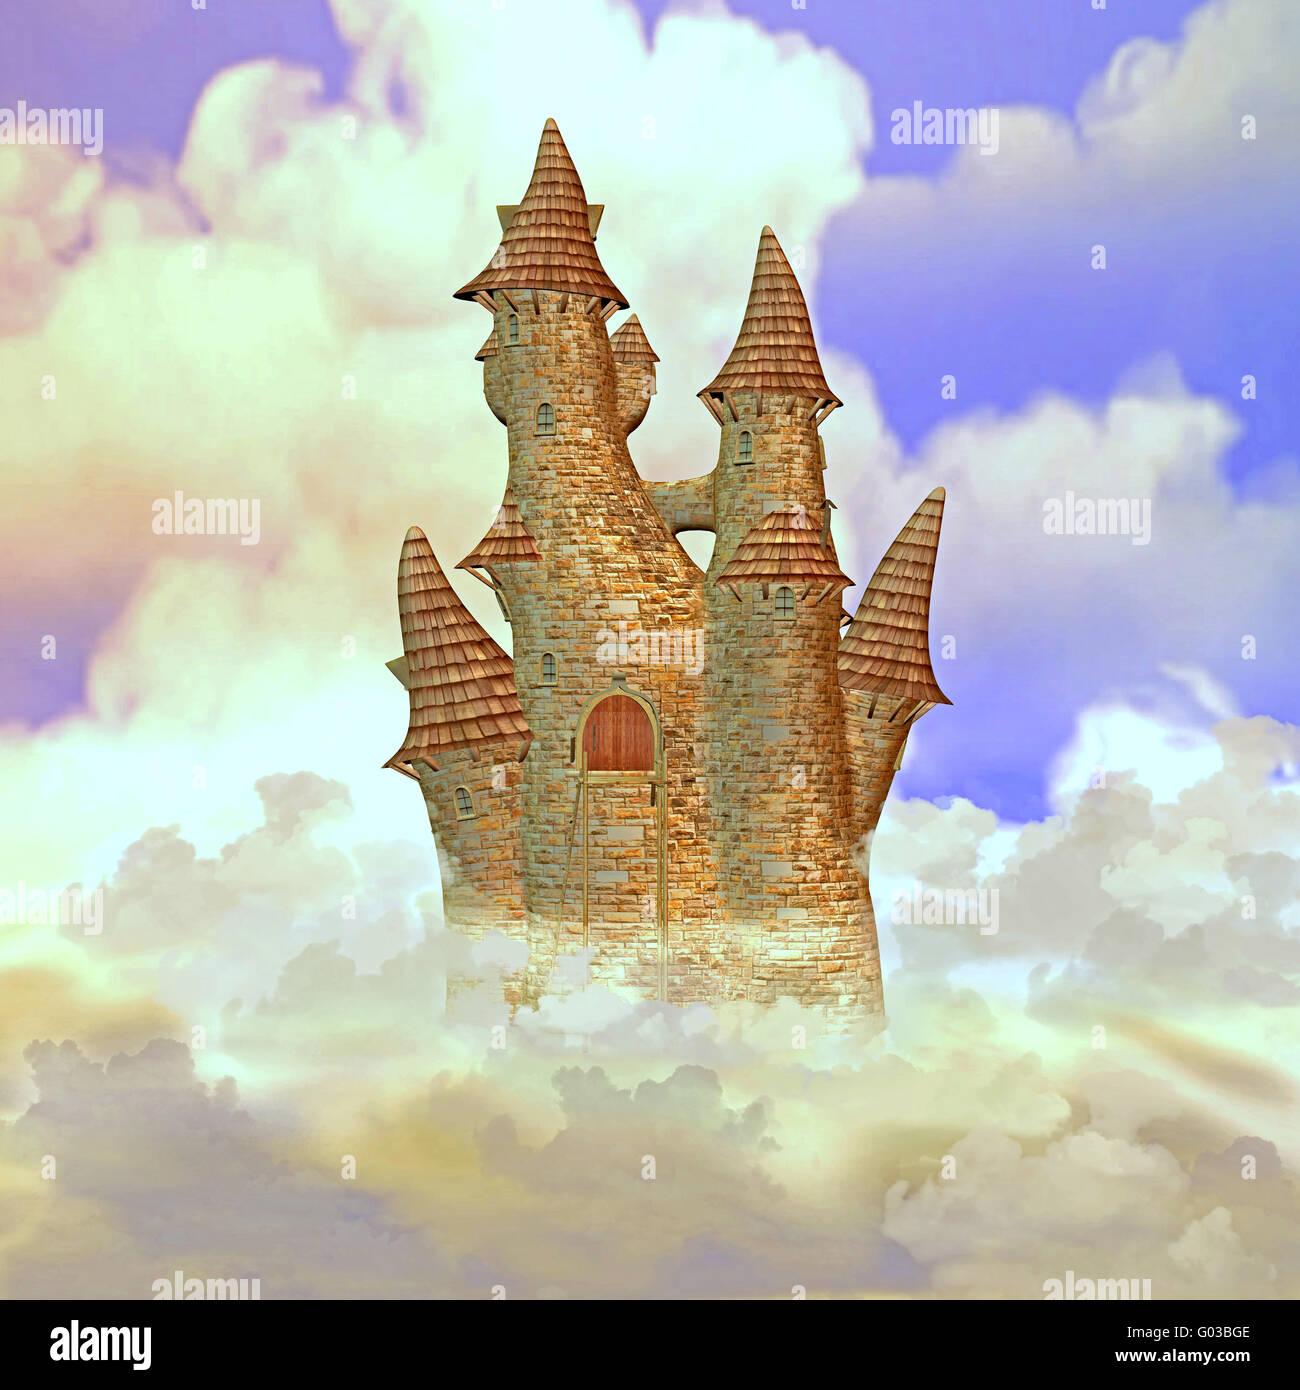 Château dans les nuages Photo Stock